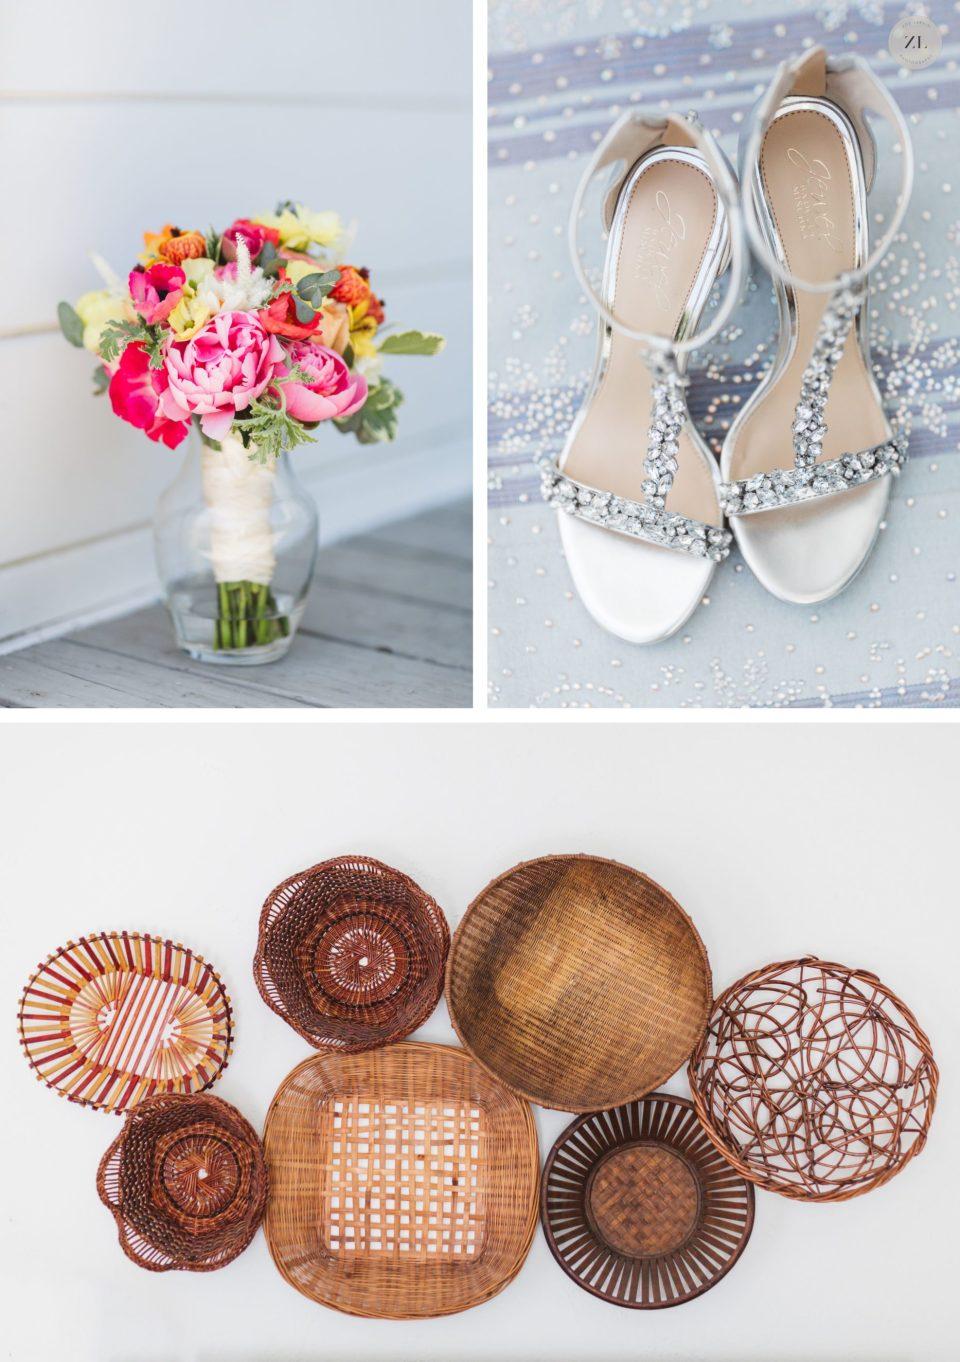 wedding details by vanda florals at cornerstone sonoma